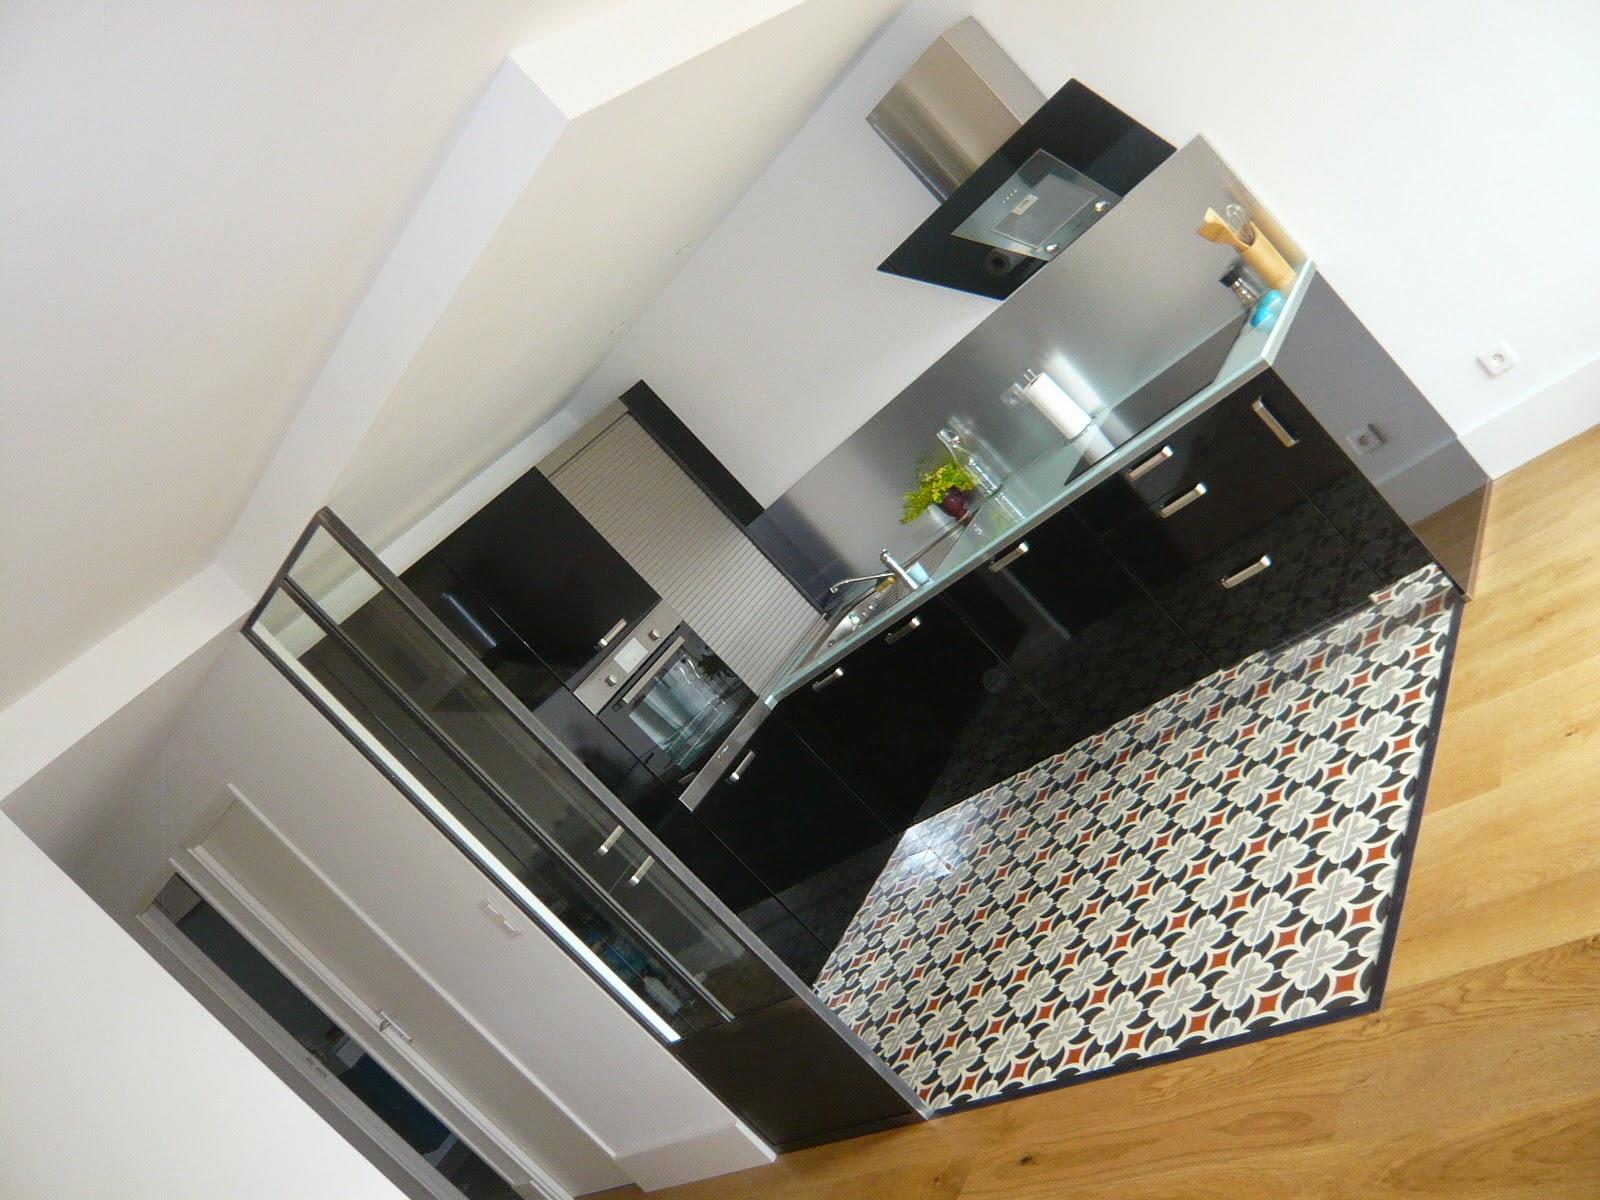 verriere cuisine et carrelage tomette brok n deco. Black Bedroom Furniture Sets. Home Design Ideas